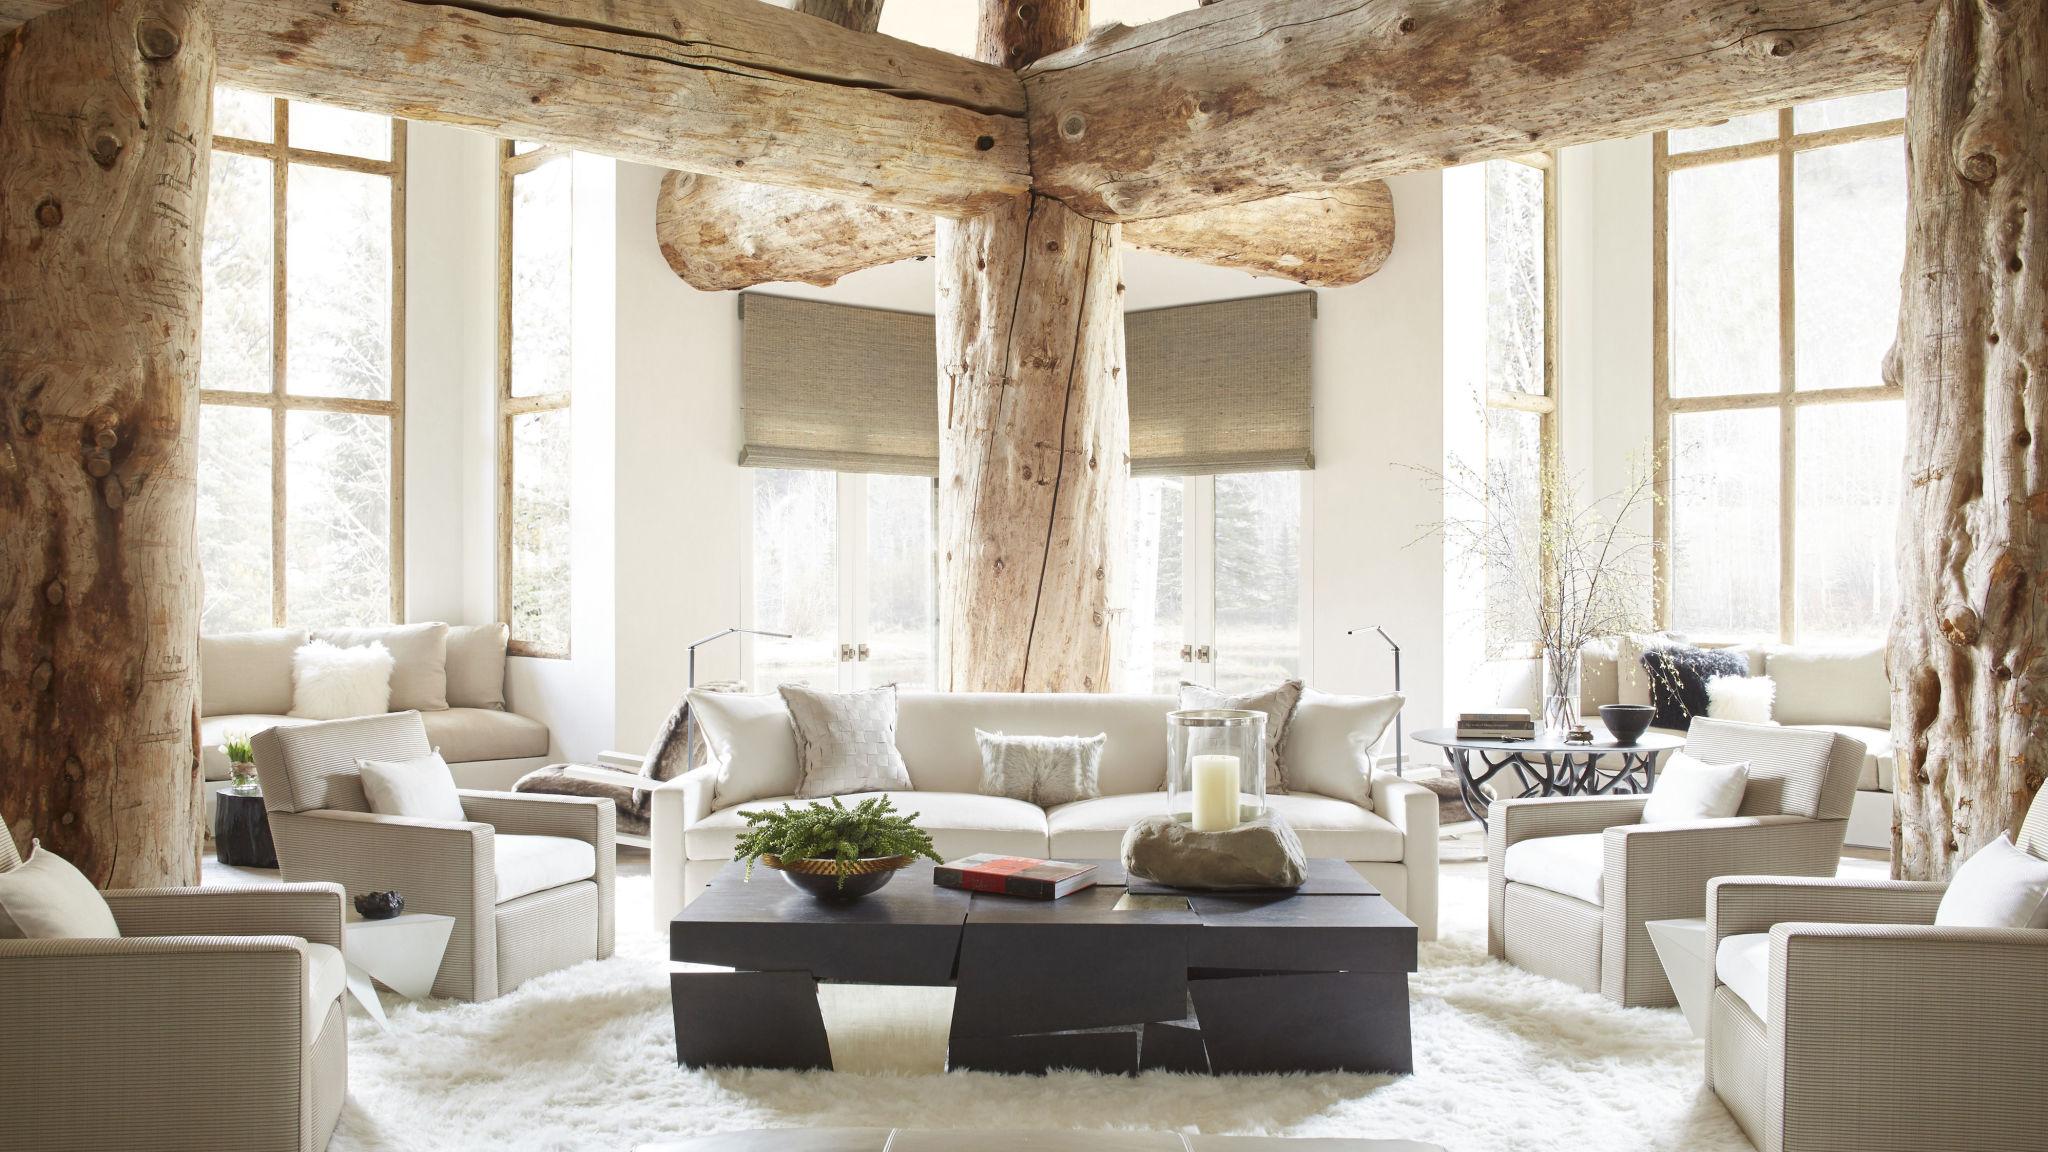 hd-aspect-1479925297-richard-hallberg-living-room.jpg